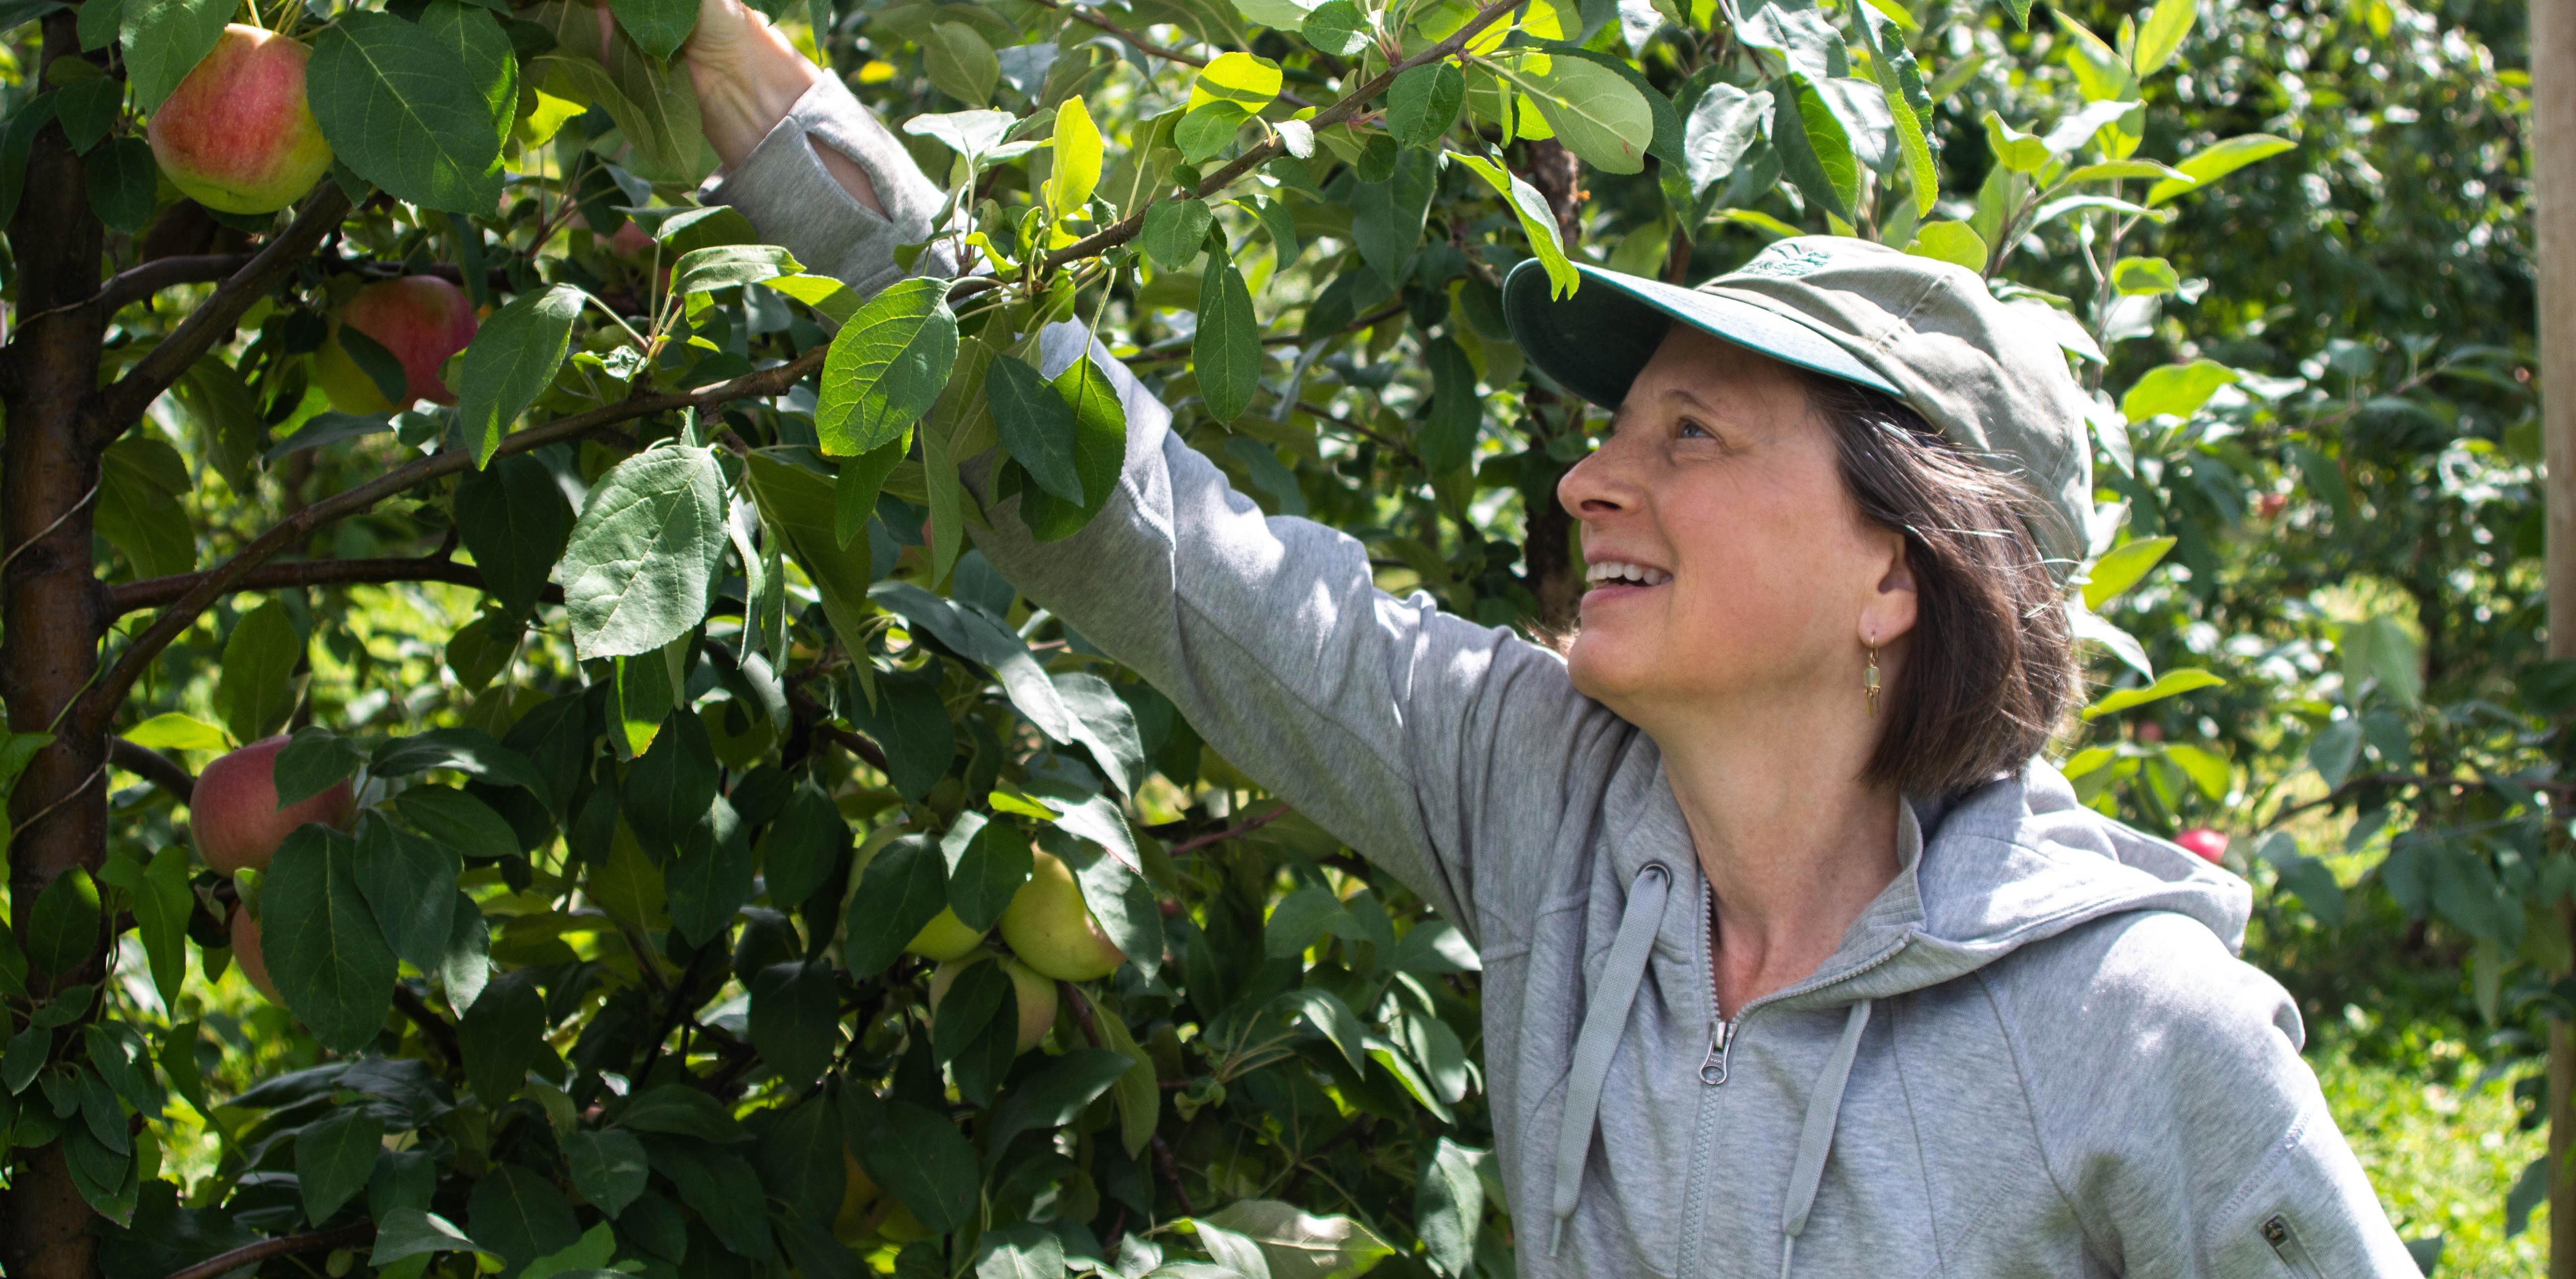 Kate picks a zestar recrop